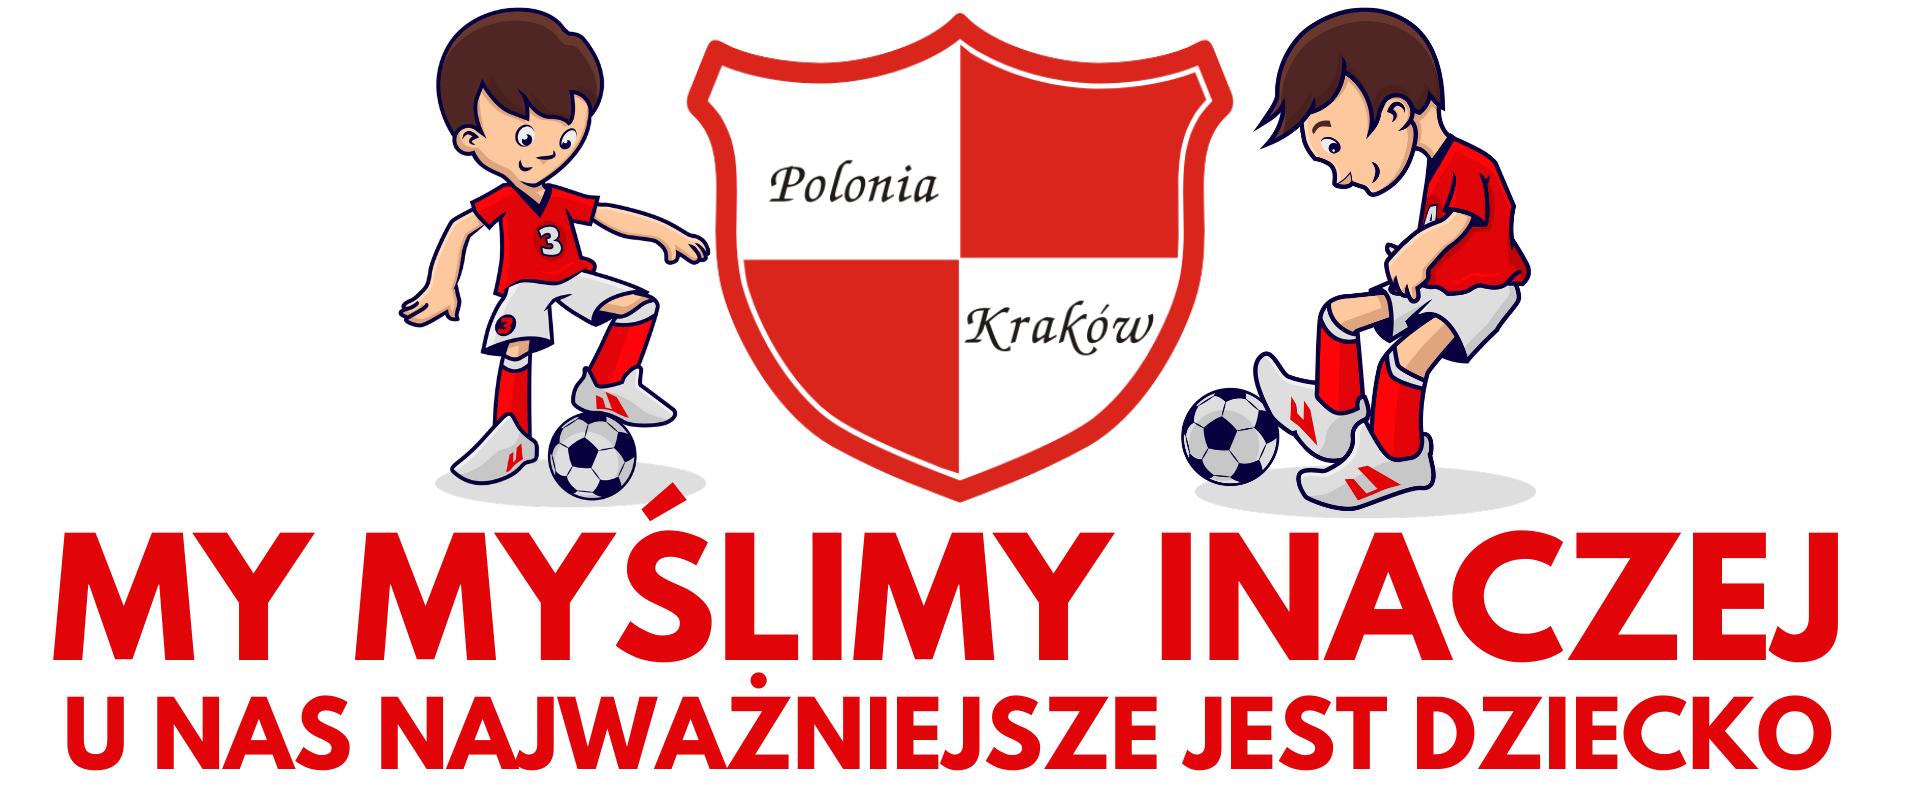 Polonia Kraków Logo